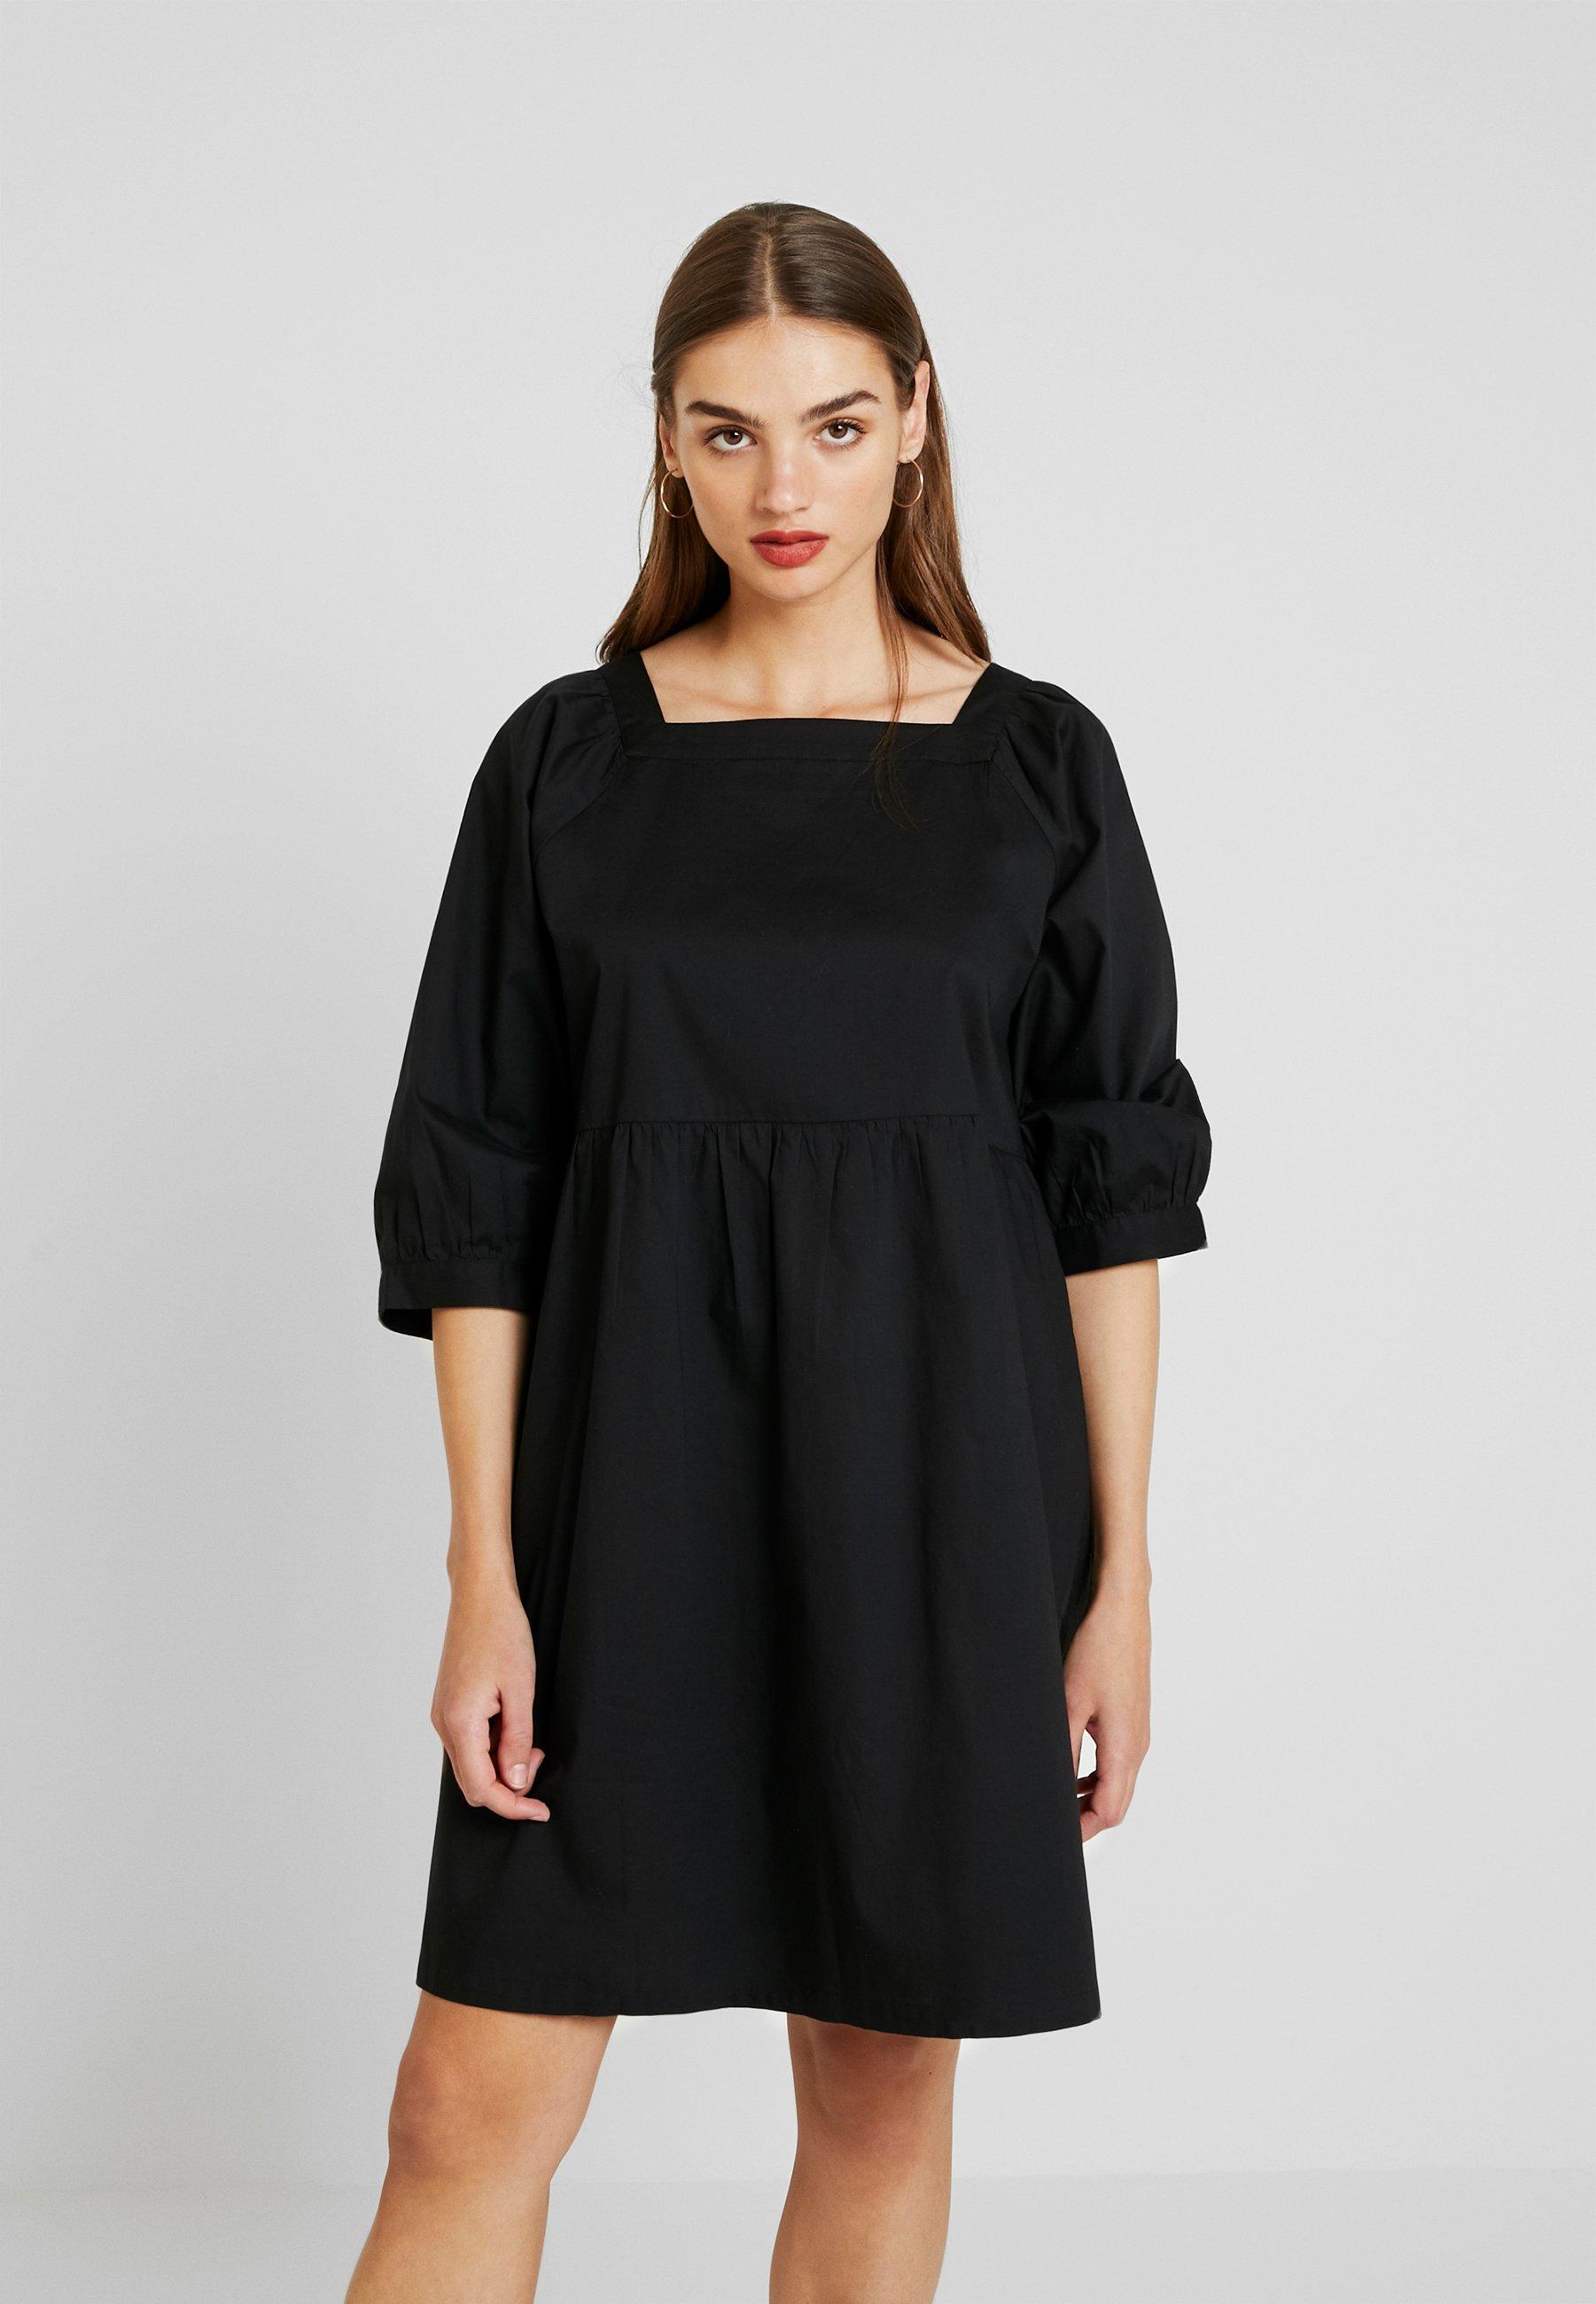 Monki Romina Dress Black UniqueRobe D'été UVpGSqzM